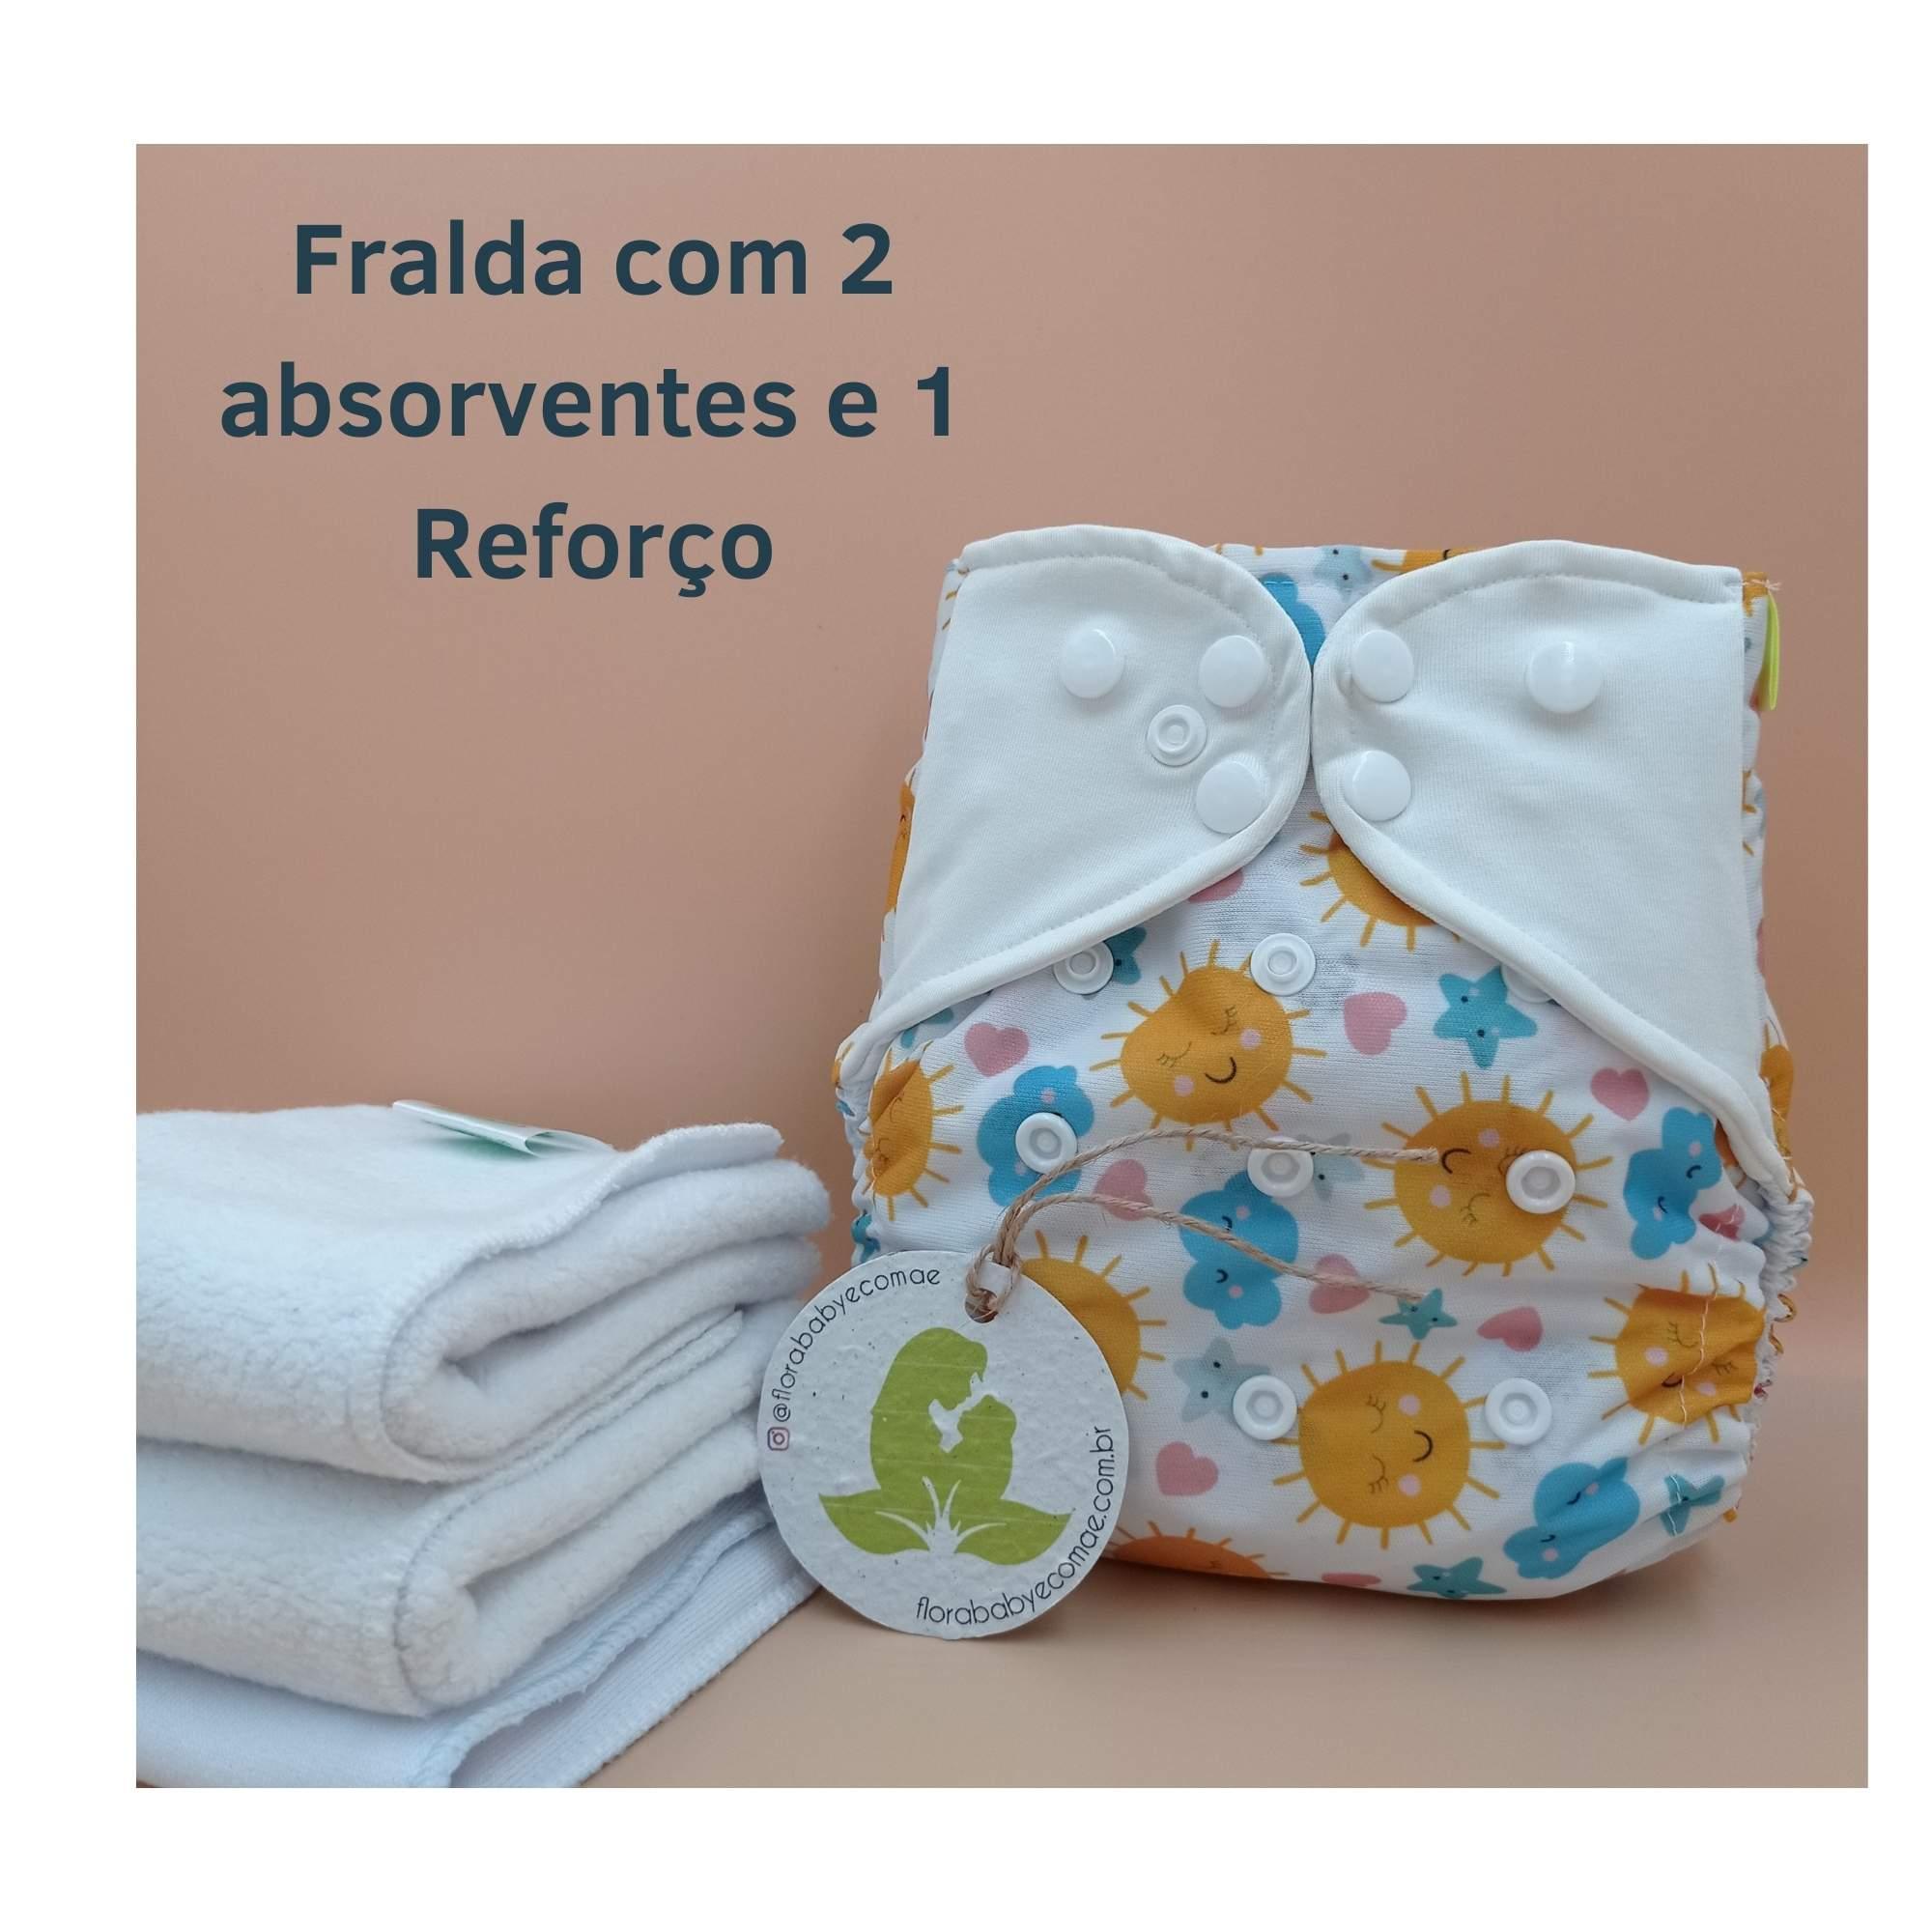 Kit Especial 1 Fralda com 2 absorventes e 1 Reforço